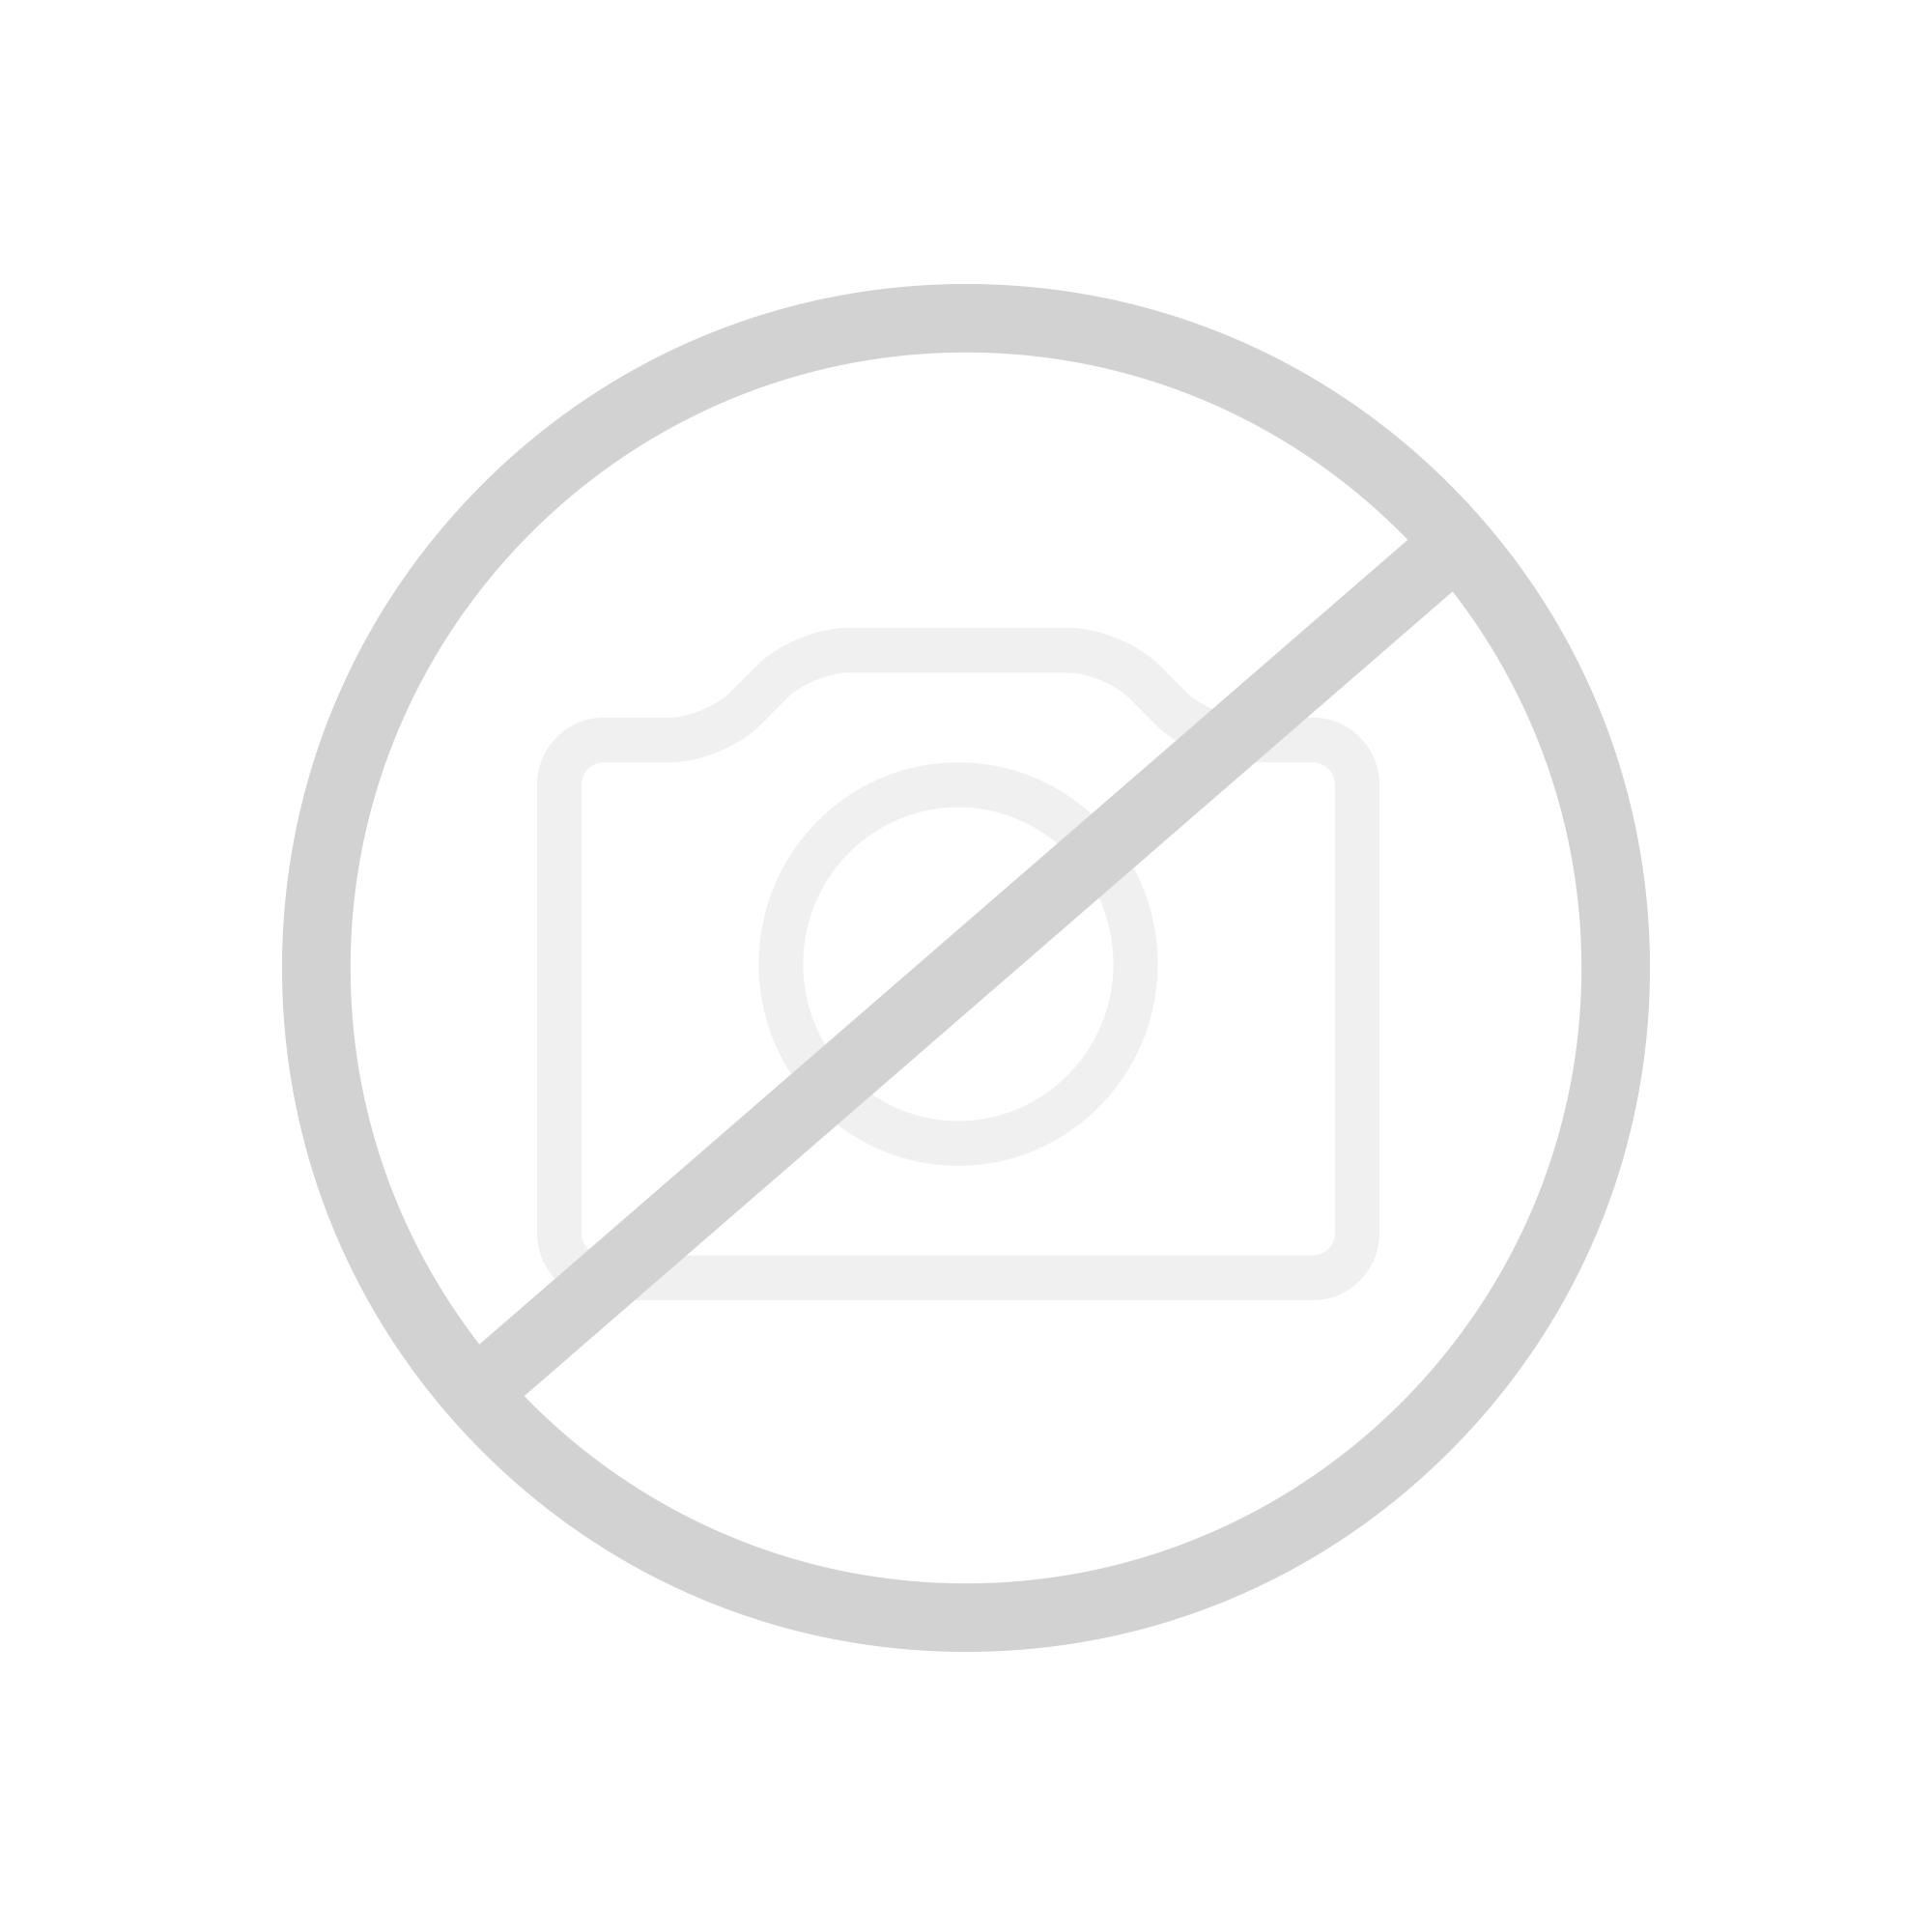 Koralle myDay Pendeltür mit Festelement für Trennwand TPFA ESG transparent incl. GlasPlus / Silber matt